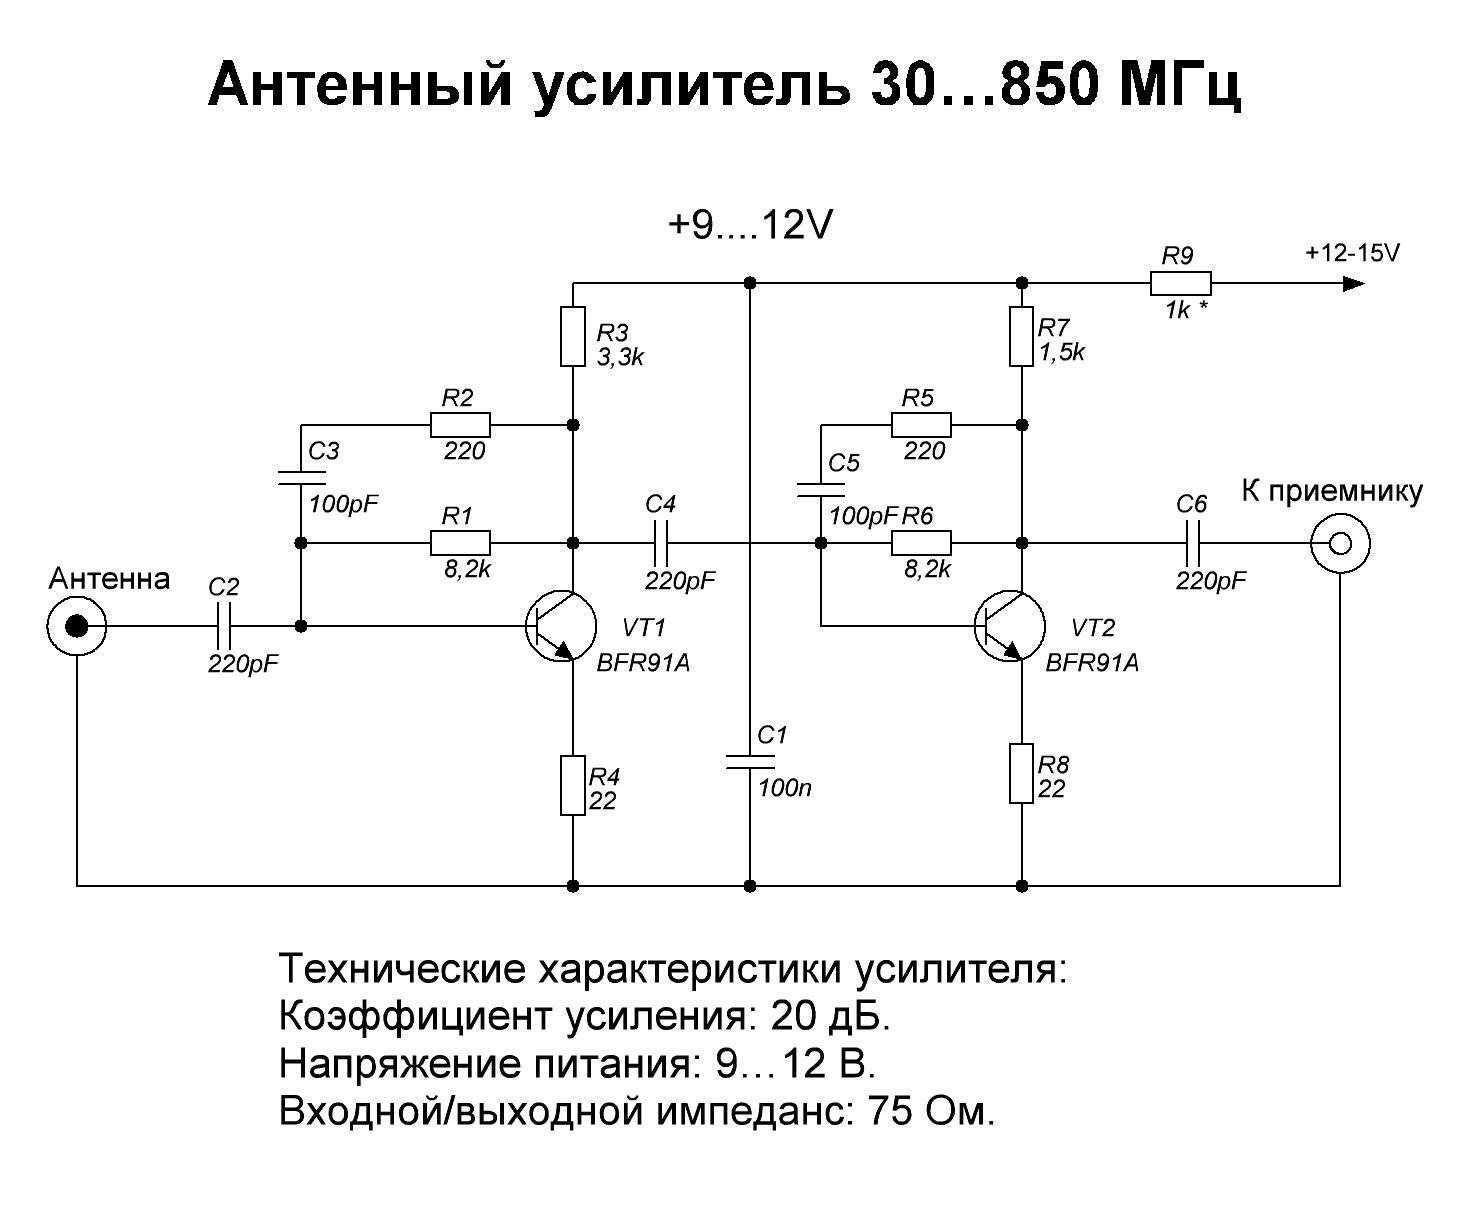 Схема усилитель антенного сигнала фото 243